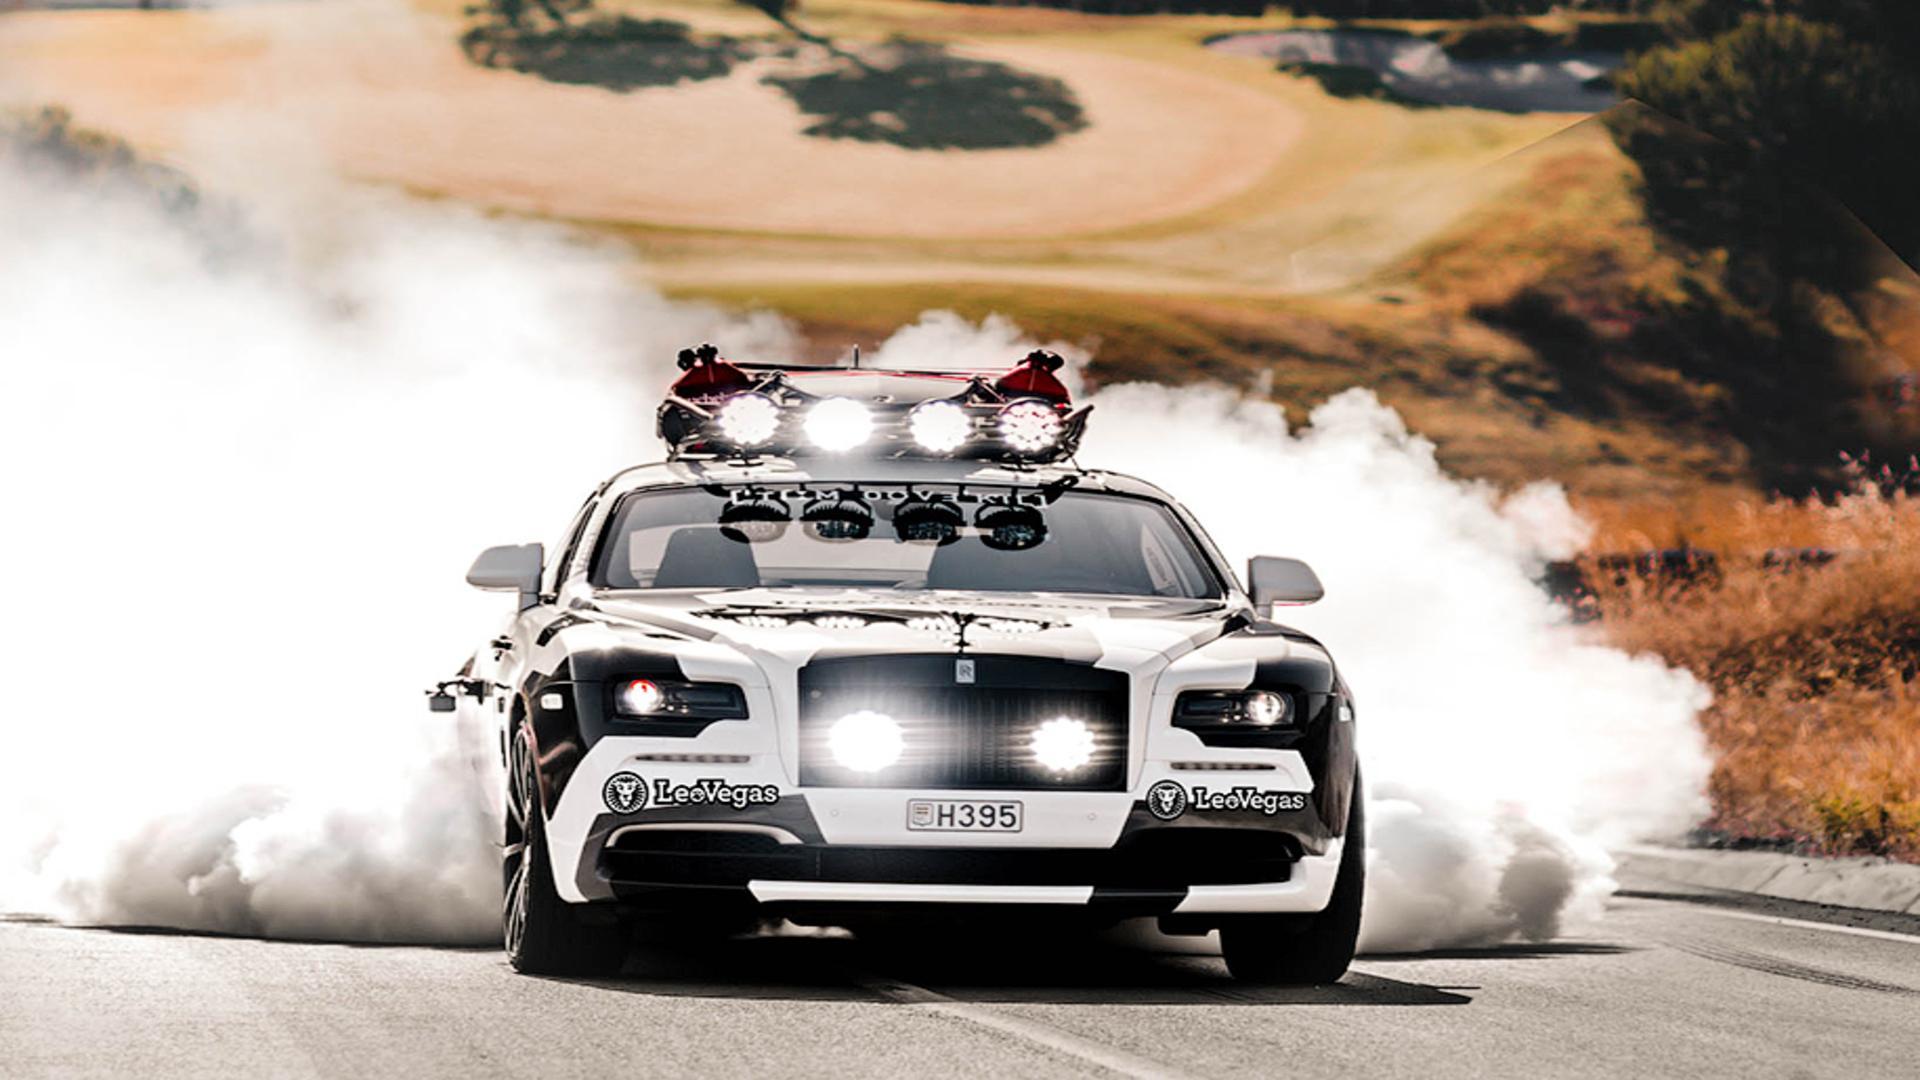 ВНидерландах реализуют необычайное купе Роллс Ройс Wraith